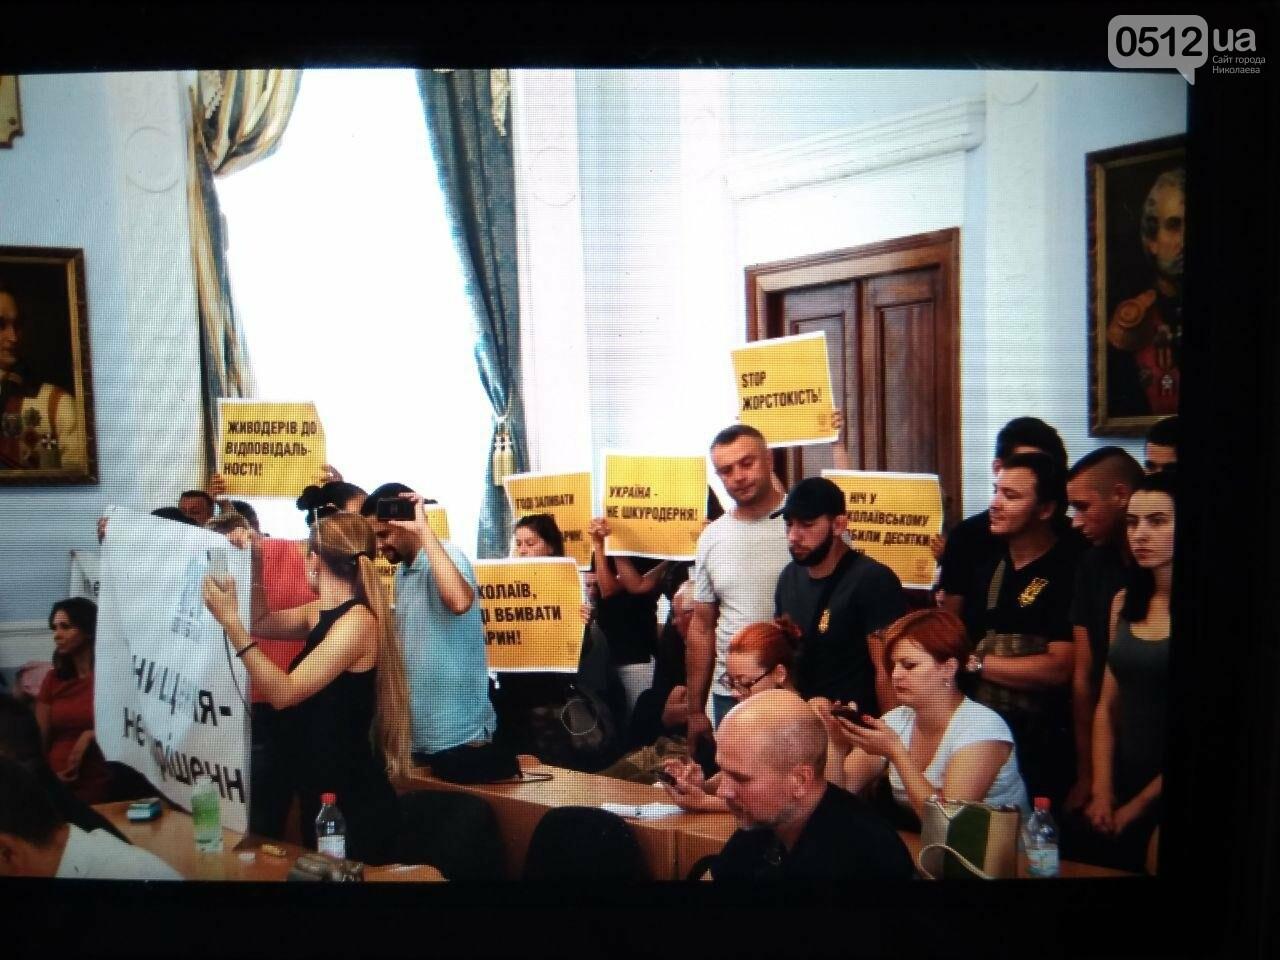 ТРАНСЛЯЦИЯ: в Николаеве начала работу внеочередная сессия городского совета, фото-1